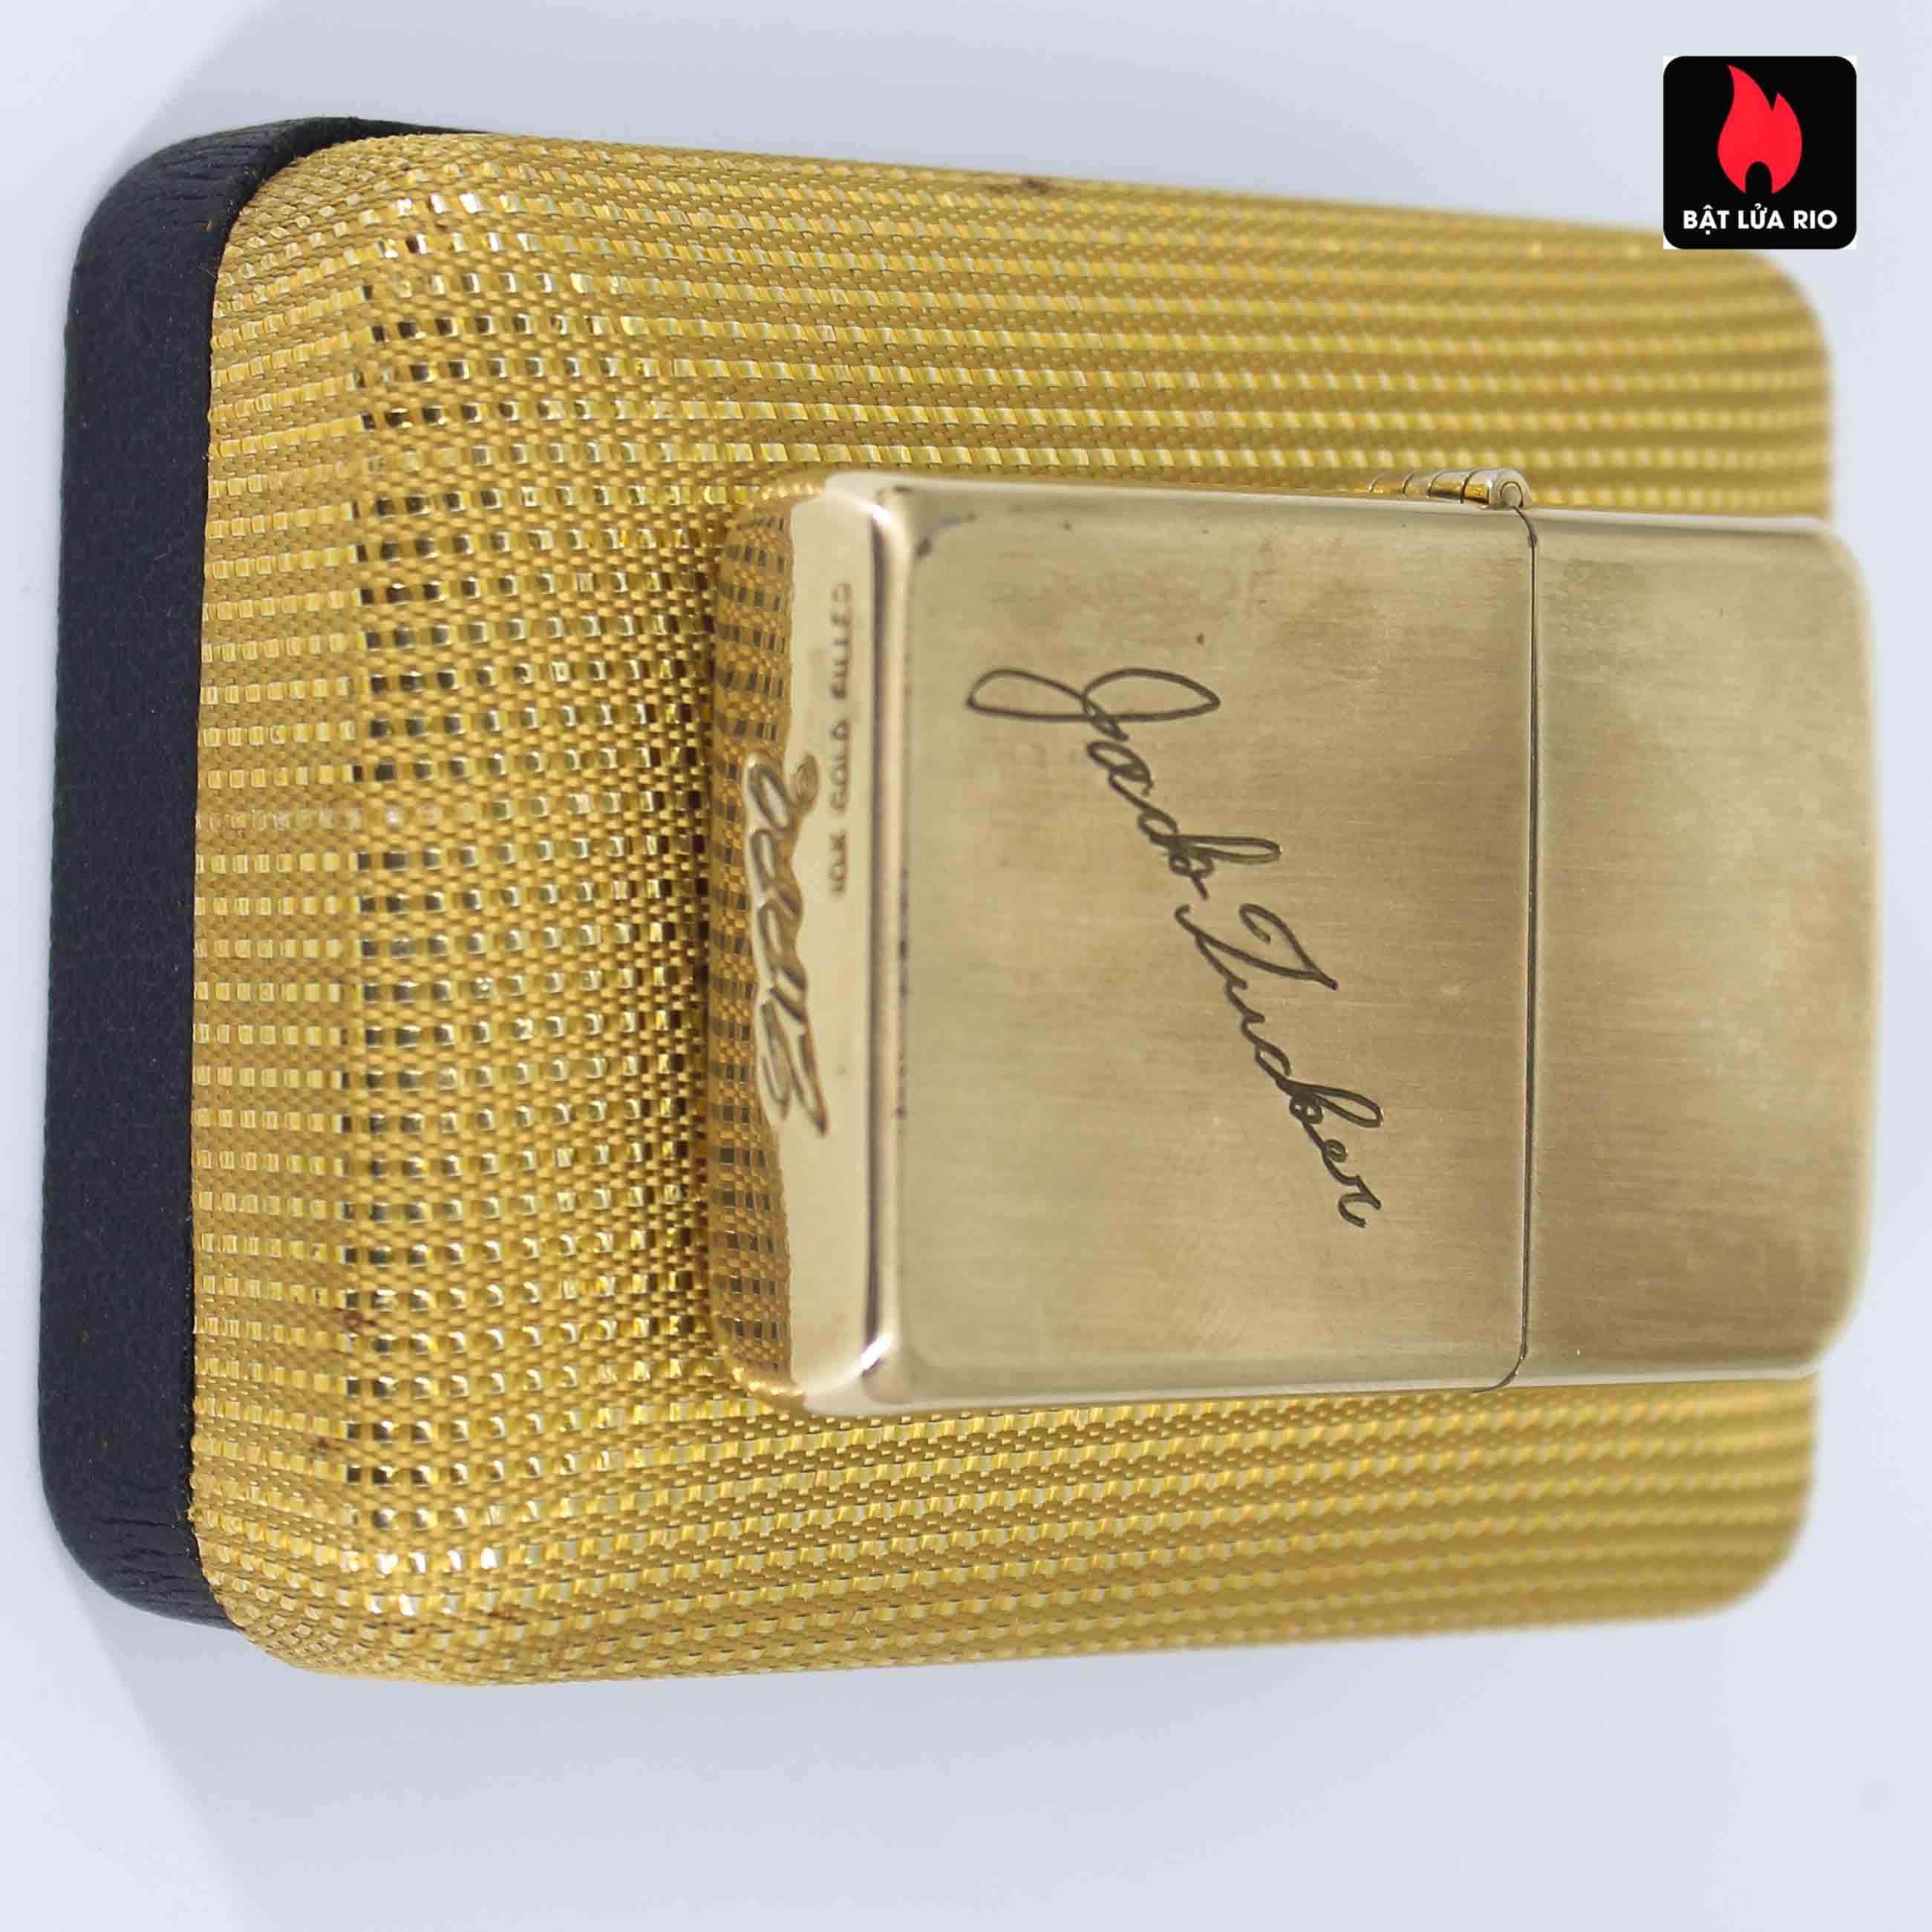 Zippo 1960s - 10K Gold Filled - Bọc Vàng 10K - Chữ Ký 6